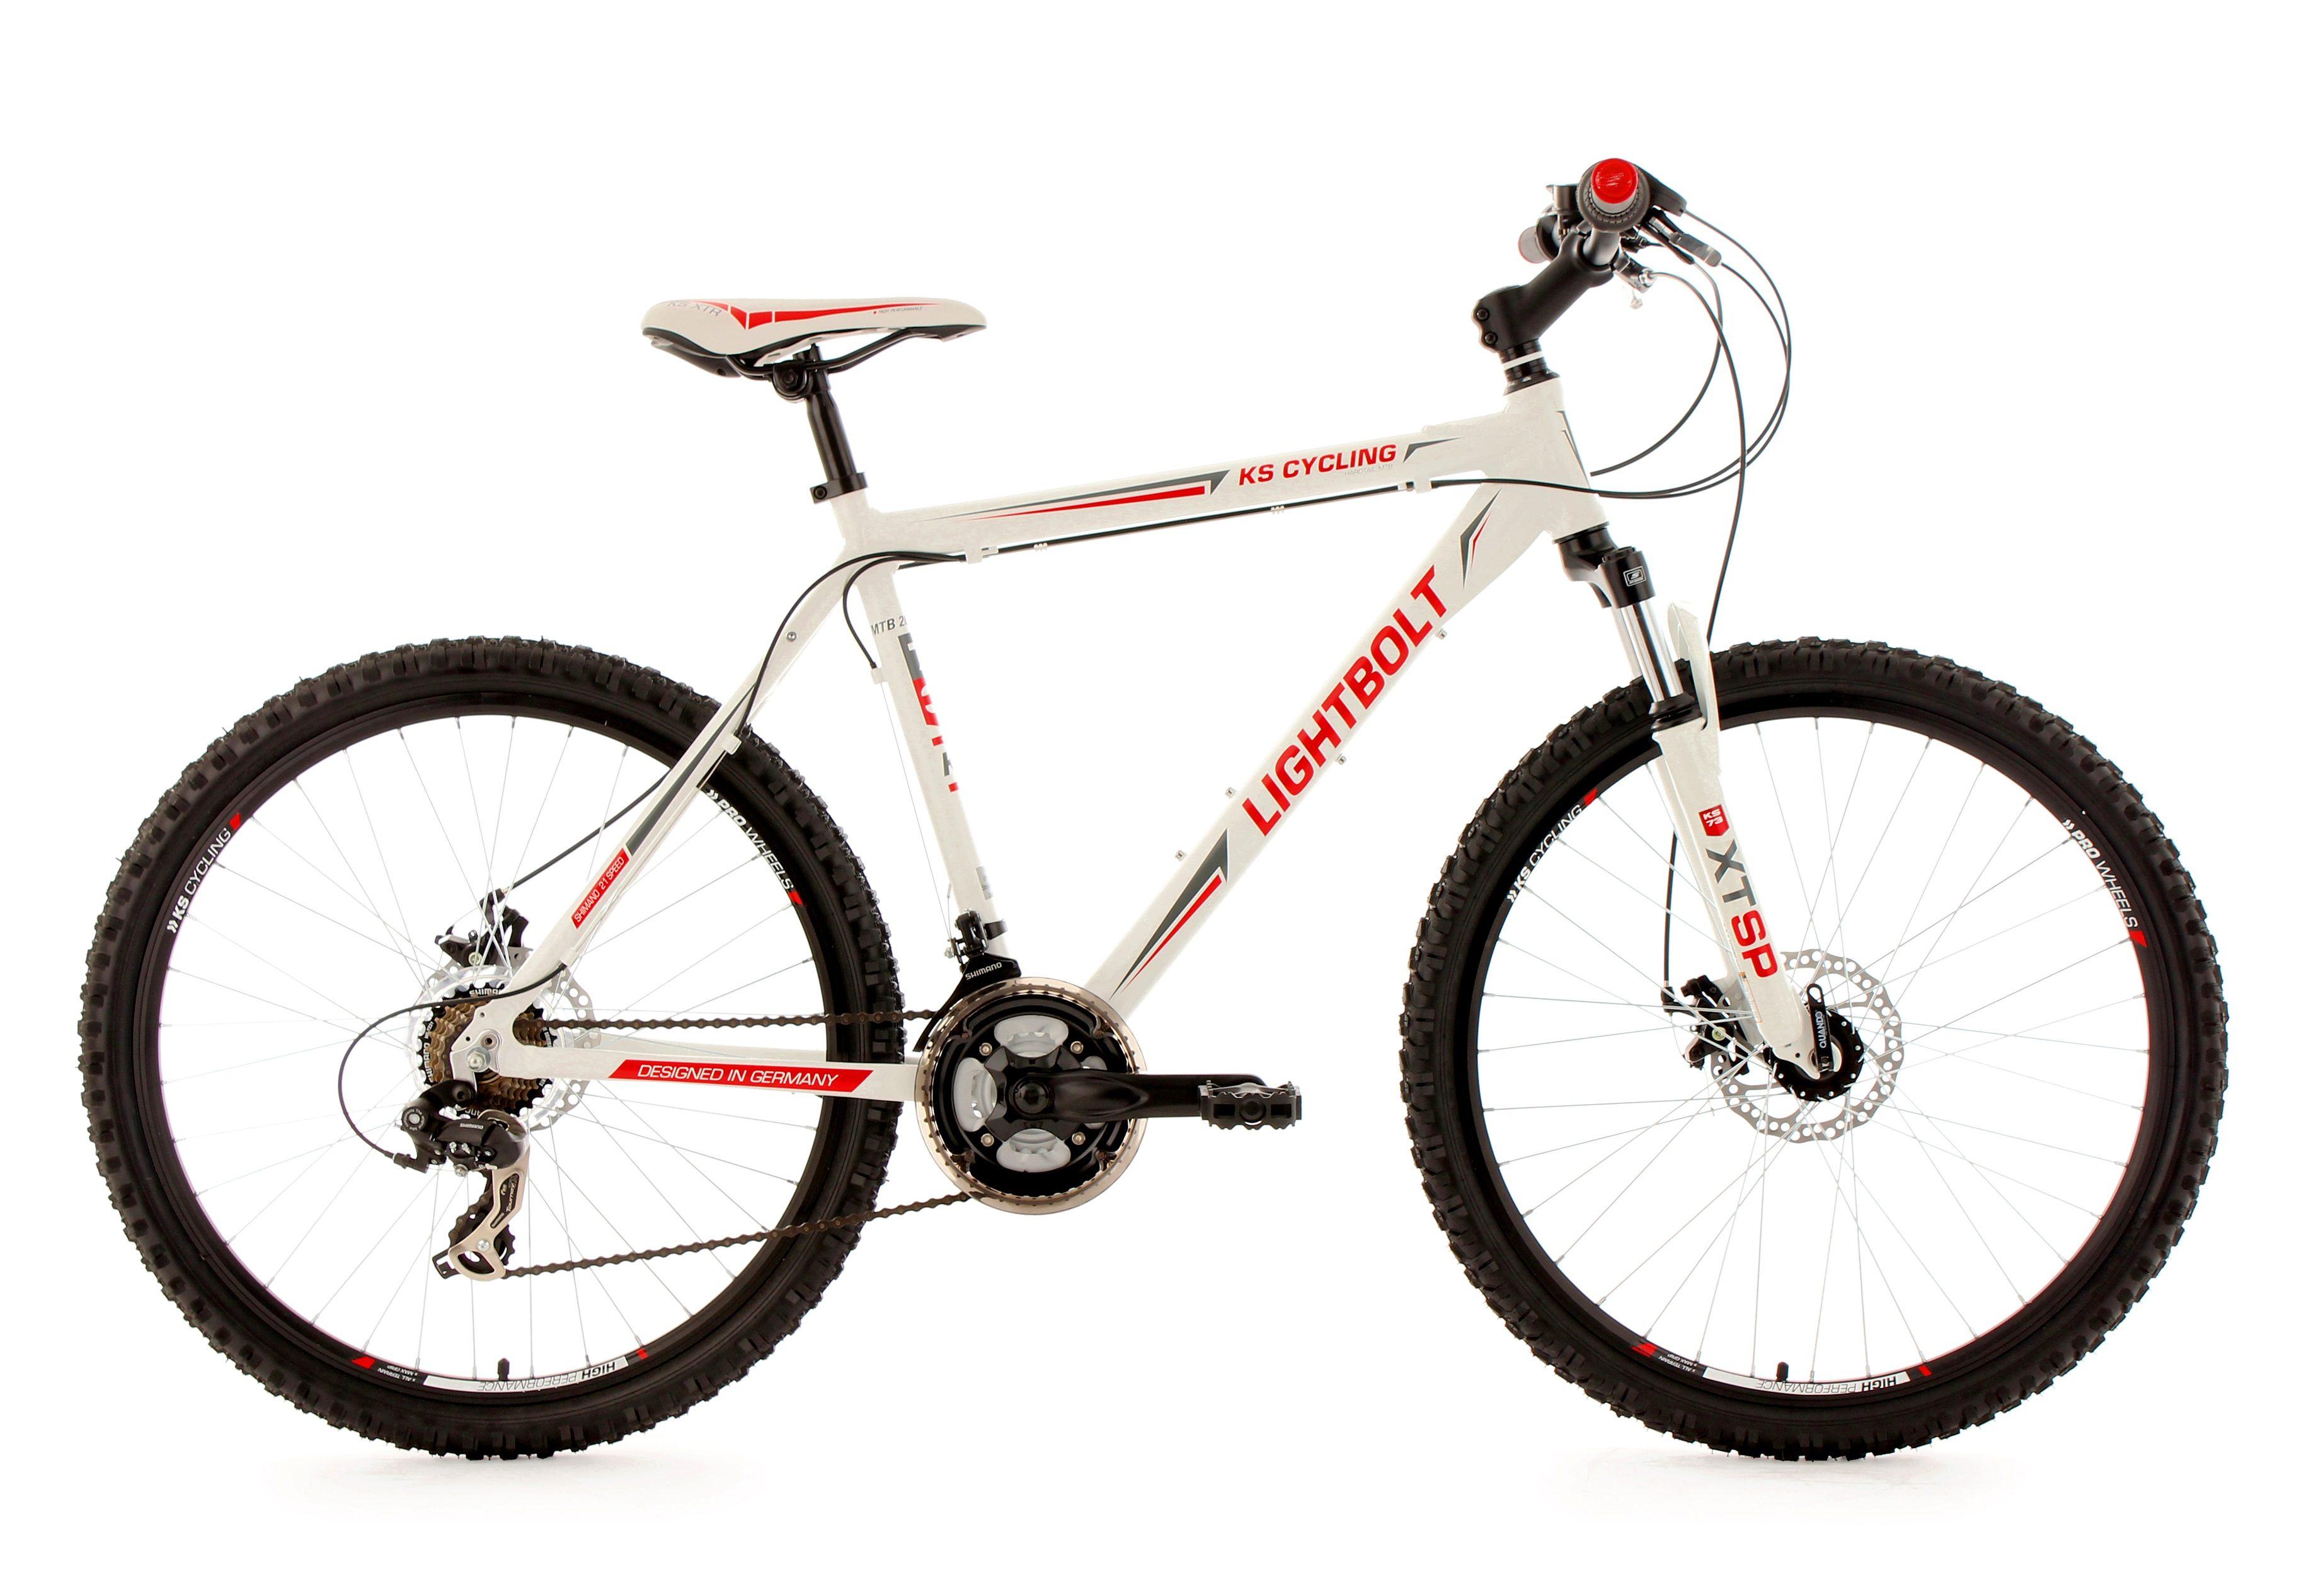 Hardtail-Mountainbike, 26 Zoll, weiß, 21 Gang Kettenschaltung, »Lightbolt«, KS Cycling